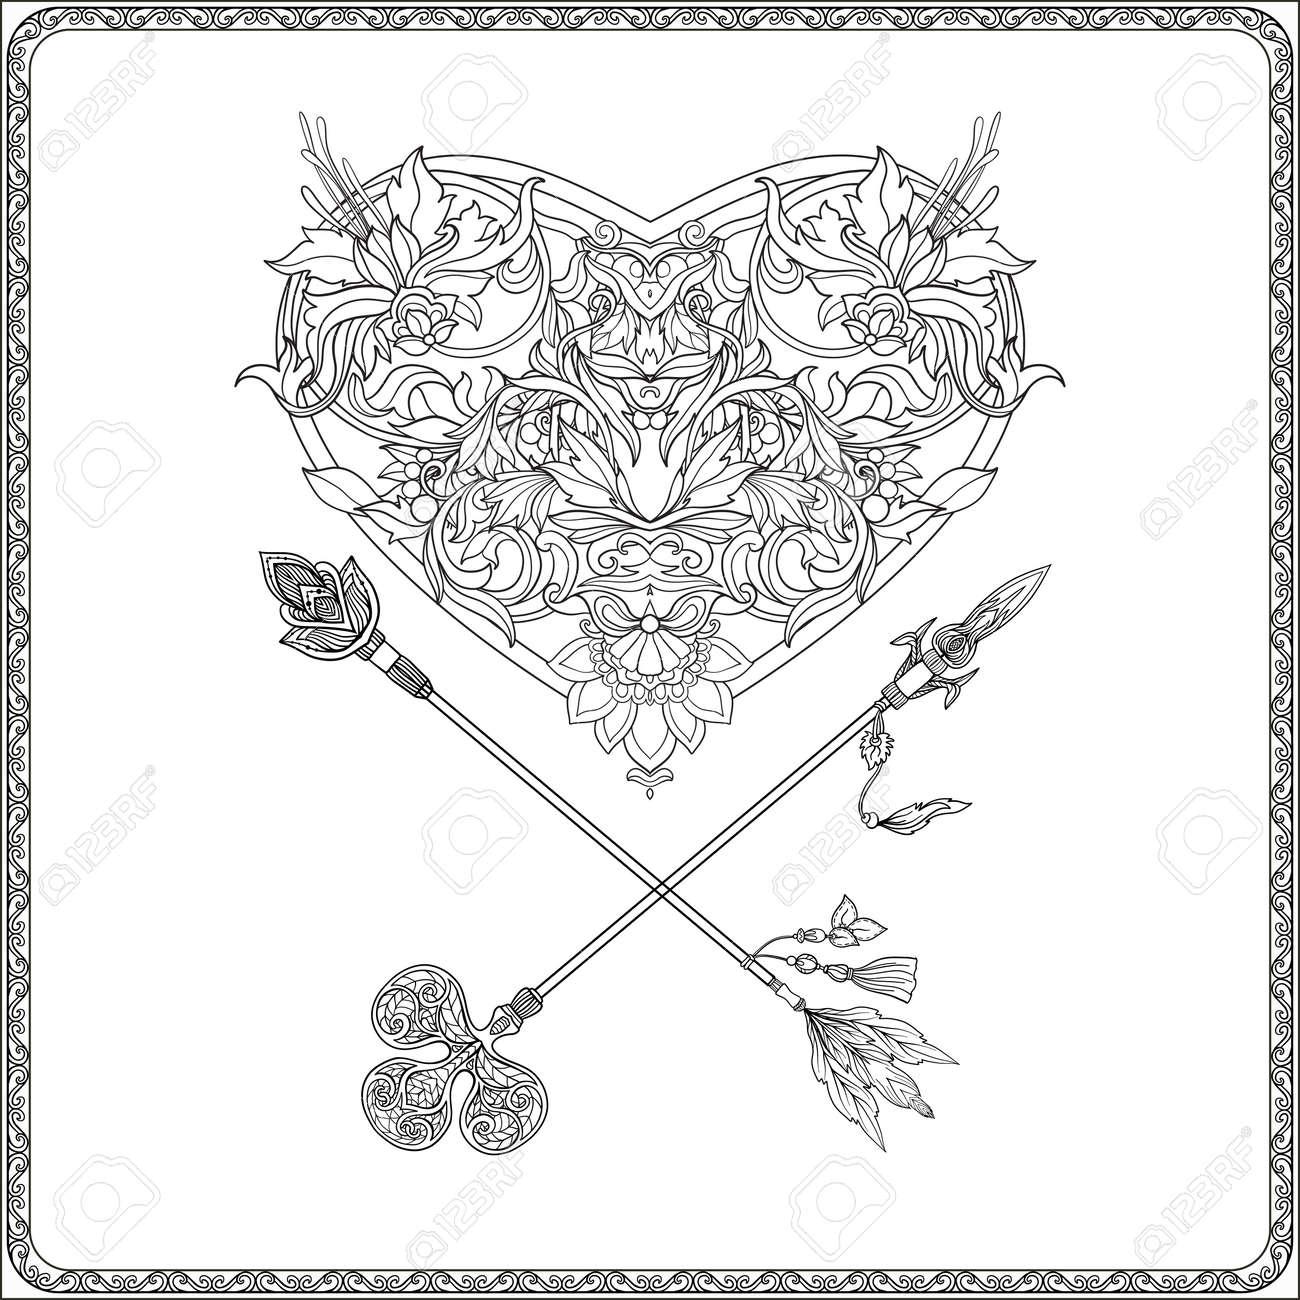 Kleurplaten Verjaardag Voor Volwassenen.Decoratieve Hart Van De Liefde Met Decoratieve Pijlen In Rococo